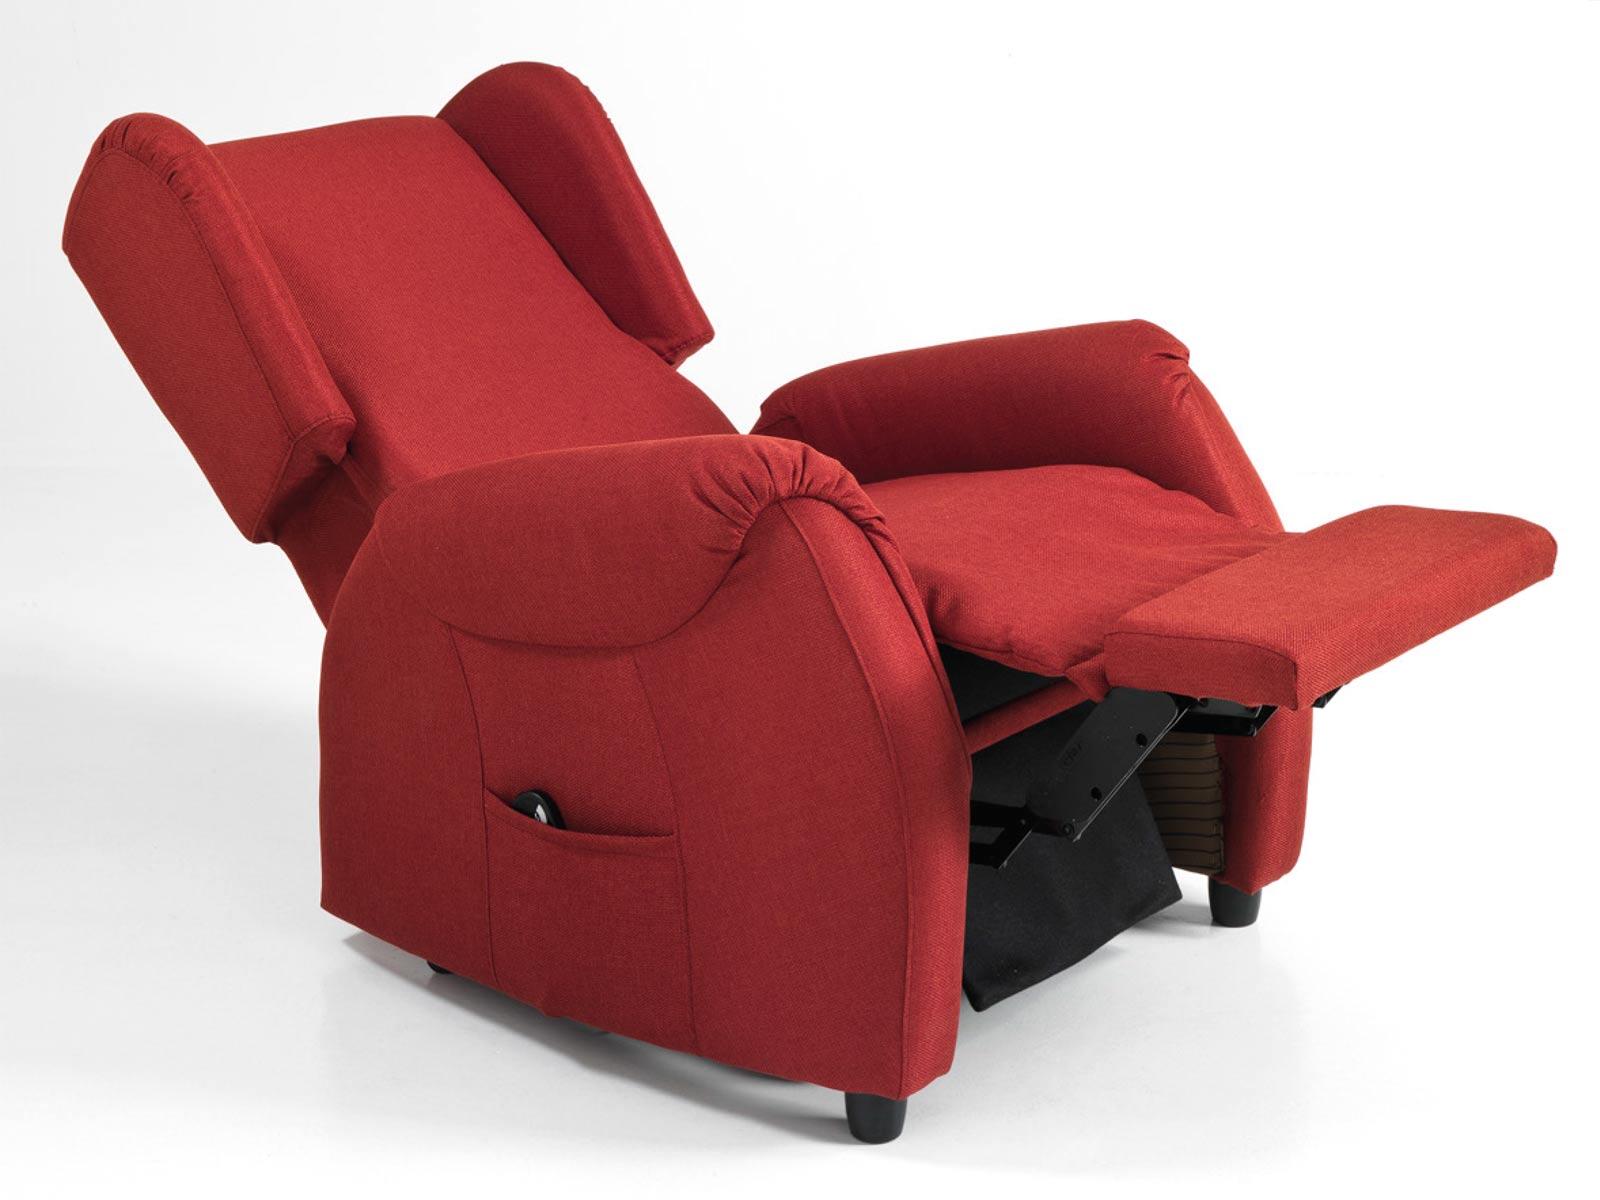 Poltrona relax alzapersona - Ikea poltrone relax elettriche ...